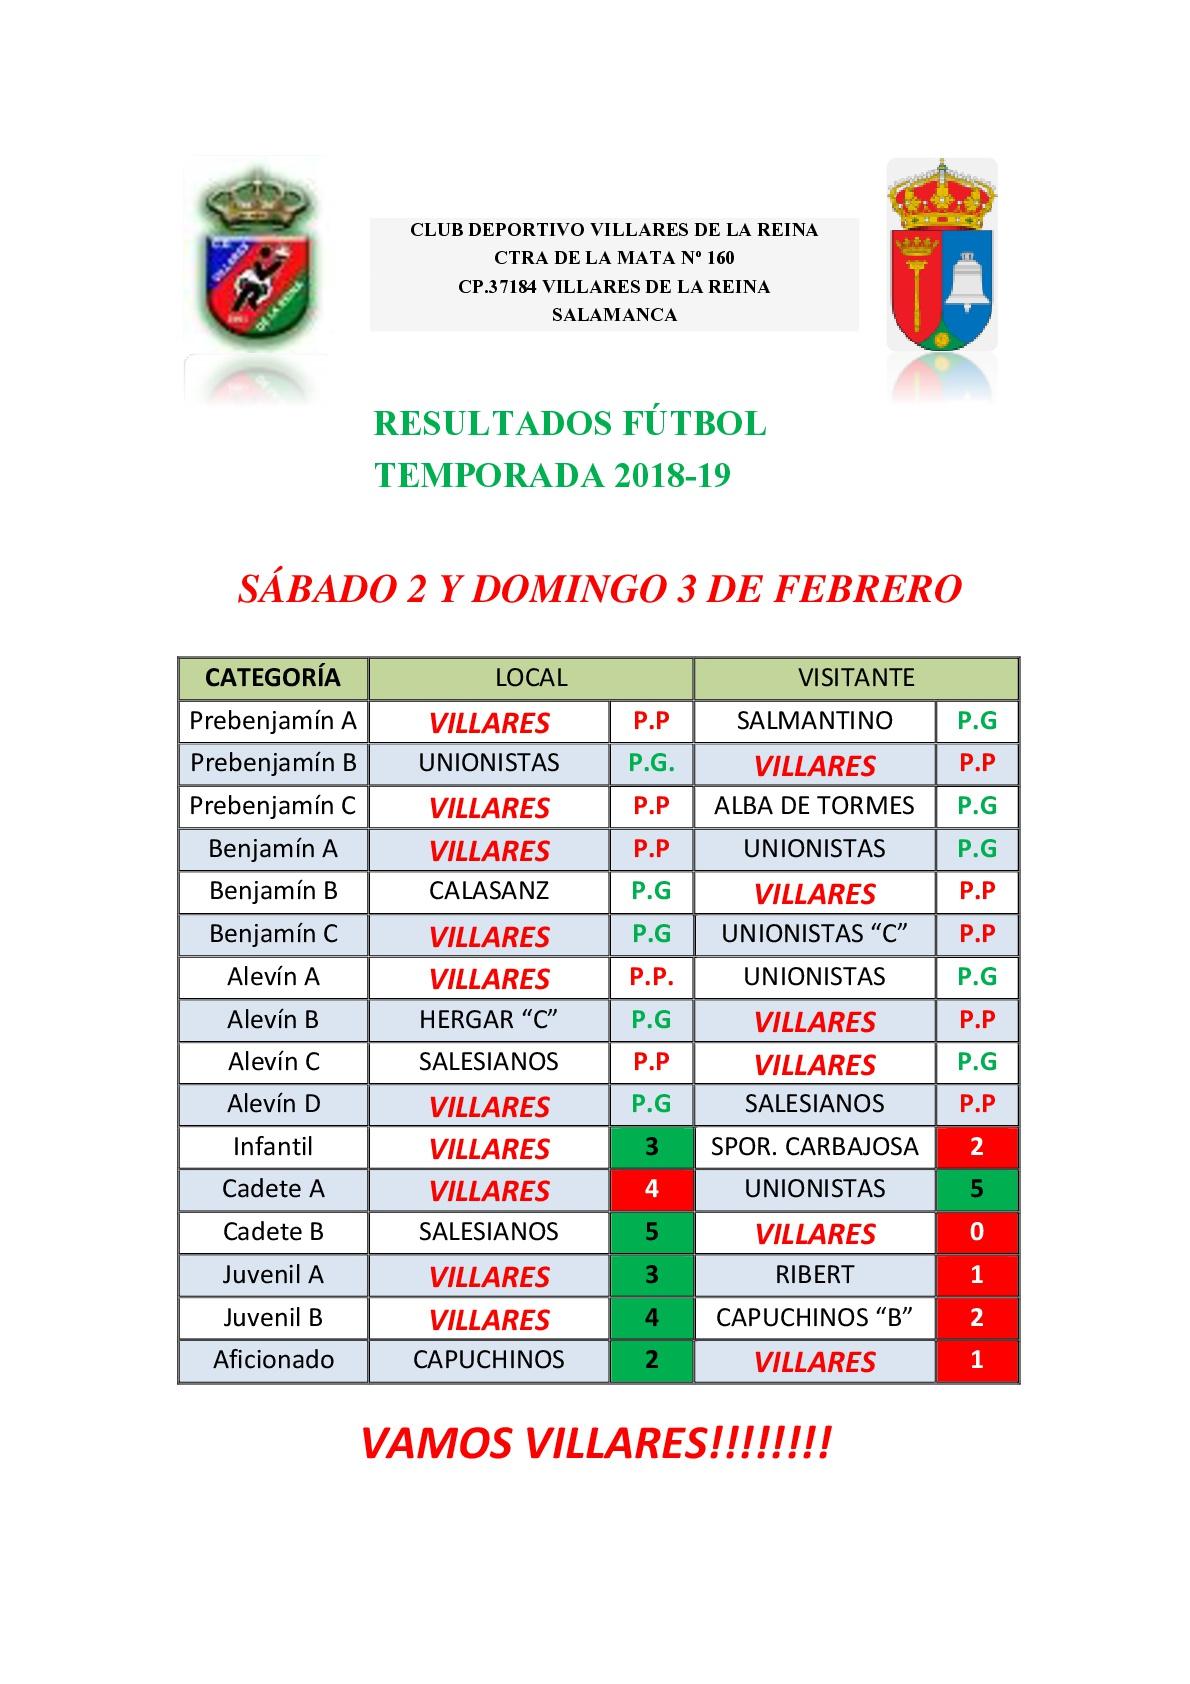 RESULTADOS DE F�TBOL DEL S�BADO 2 Y DOMINGO 3 DE FEBRERO